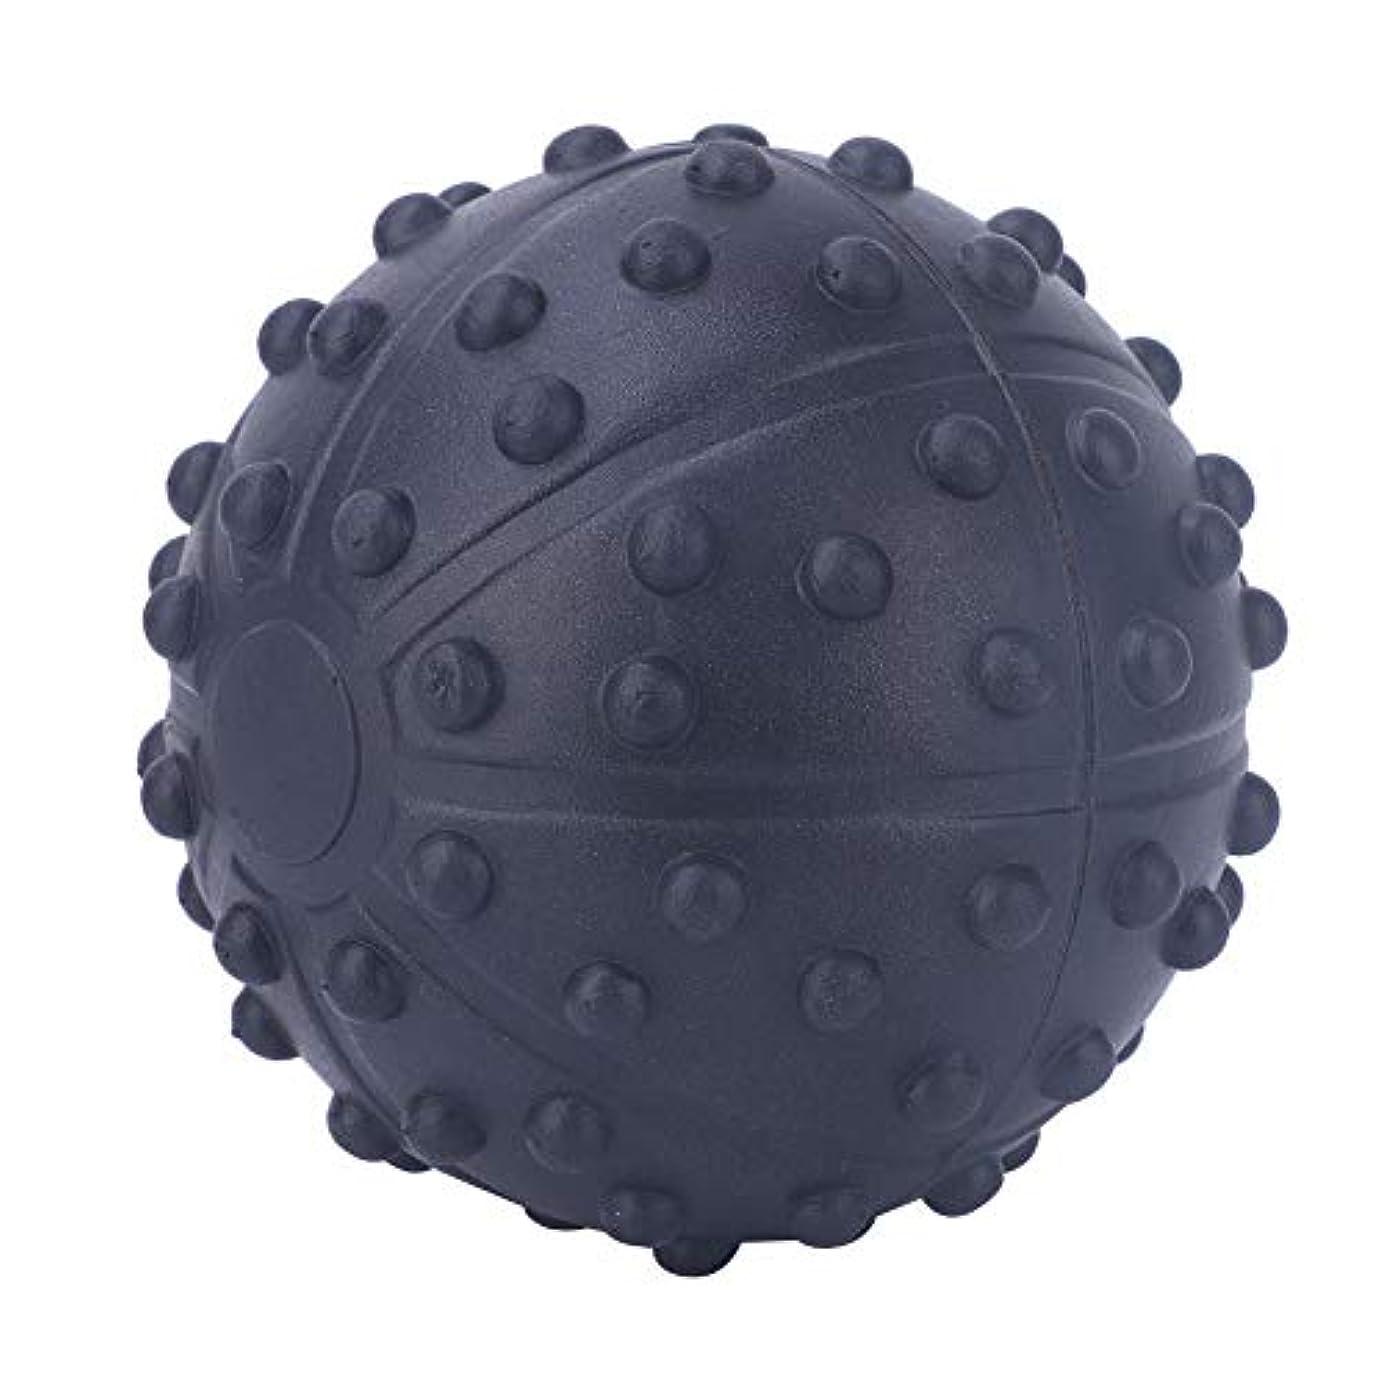 カフェテリア歯科のメンター深いティッシュヨガの筋膜の球、ヨガの疲労筋肉は筋肉救済、背部、首および足のマッサージャーのためのスポーツの球を取り除きます